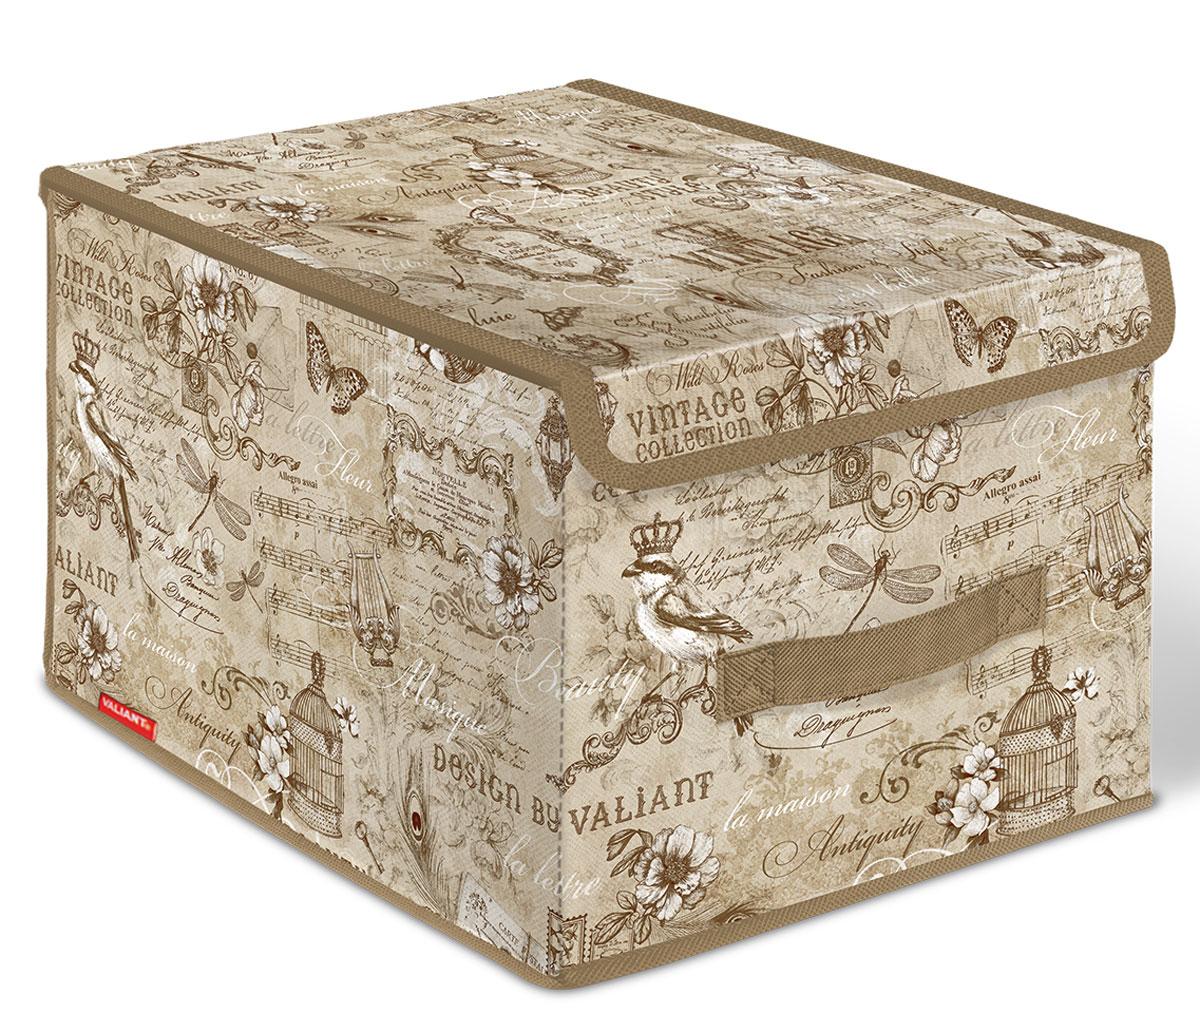 Короб стеллажный Valiant Vintage, с крышкой, 30 x 40 x 25 смUP210DFСтеллажный короб Valiant Vintage изготовлен из высококачественного нетканого материала, который обеспечивает естественную вентиляцию, позволяя воздуху проникать внутрь, но не пропускает пыль. Вставки из плотного картона хорошо держат форму. Короб снабжен специальной крышкой, которая фиксируется с помощью двух магнитов. Изделие отличается мобильностью: легко раскладывается и складывается. В таком коробе удобно хранить одежду, белье и мелкие аксессуары.Системы хранения в едином дизайне сделают вашу гардеробную изысканной и невероятно стильной.